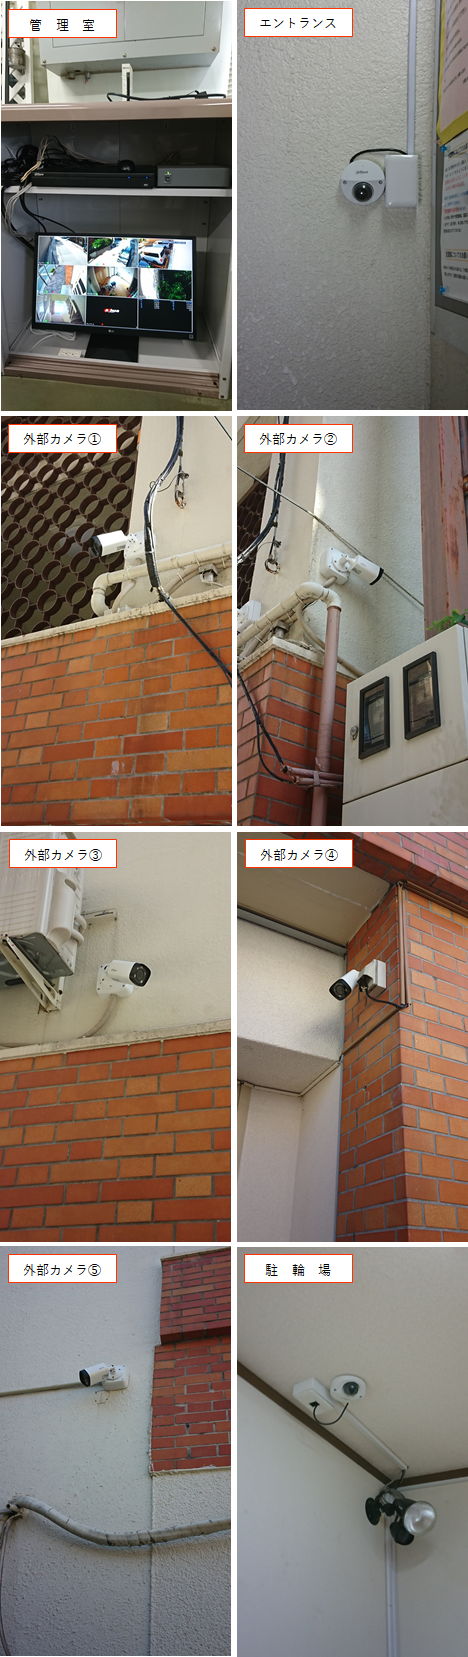 大建ビル・防犯カメラシステム